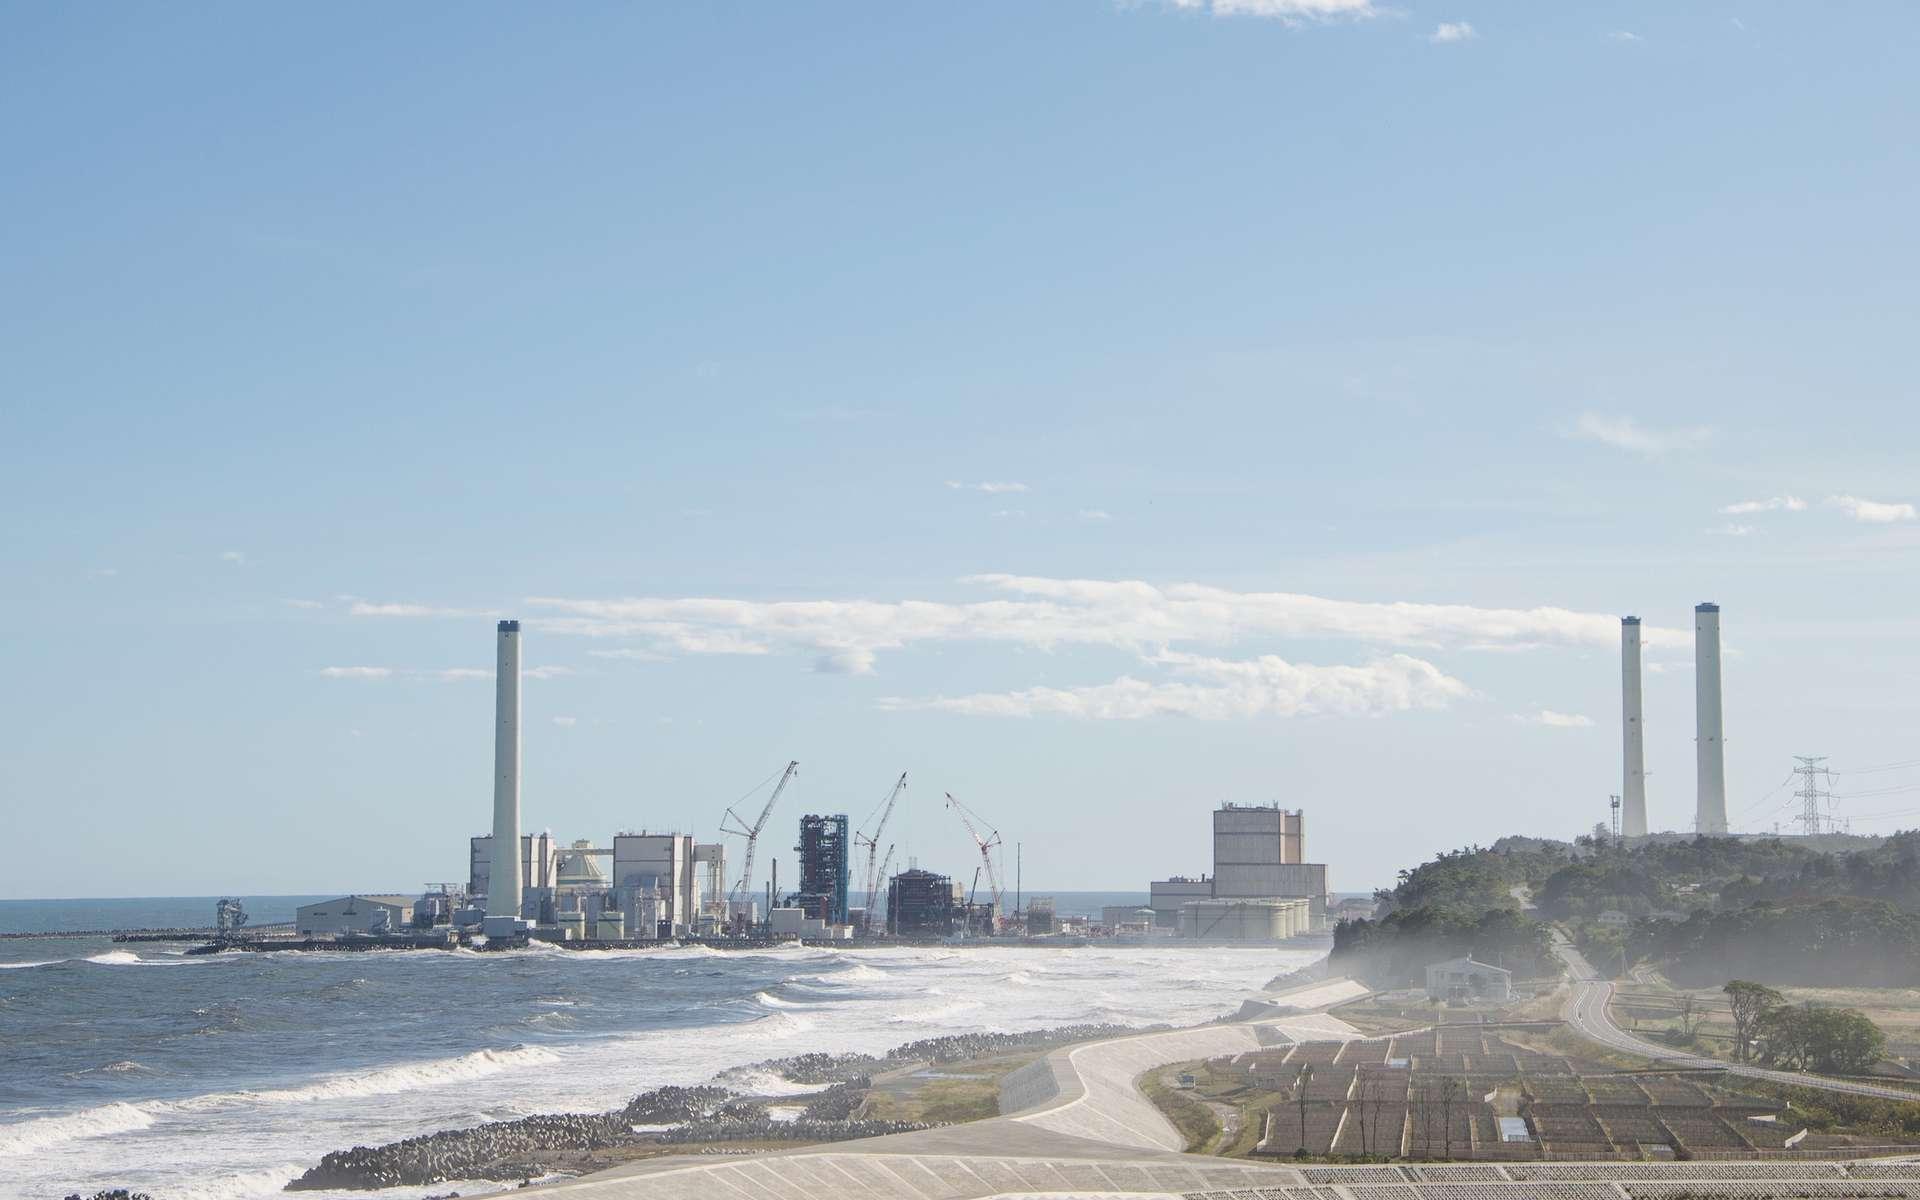 La centrale nucléaire de Fukushima, au Japon. © Santi, Adobe Stock